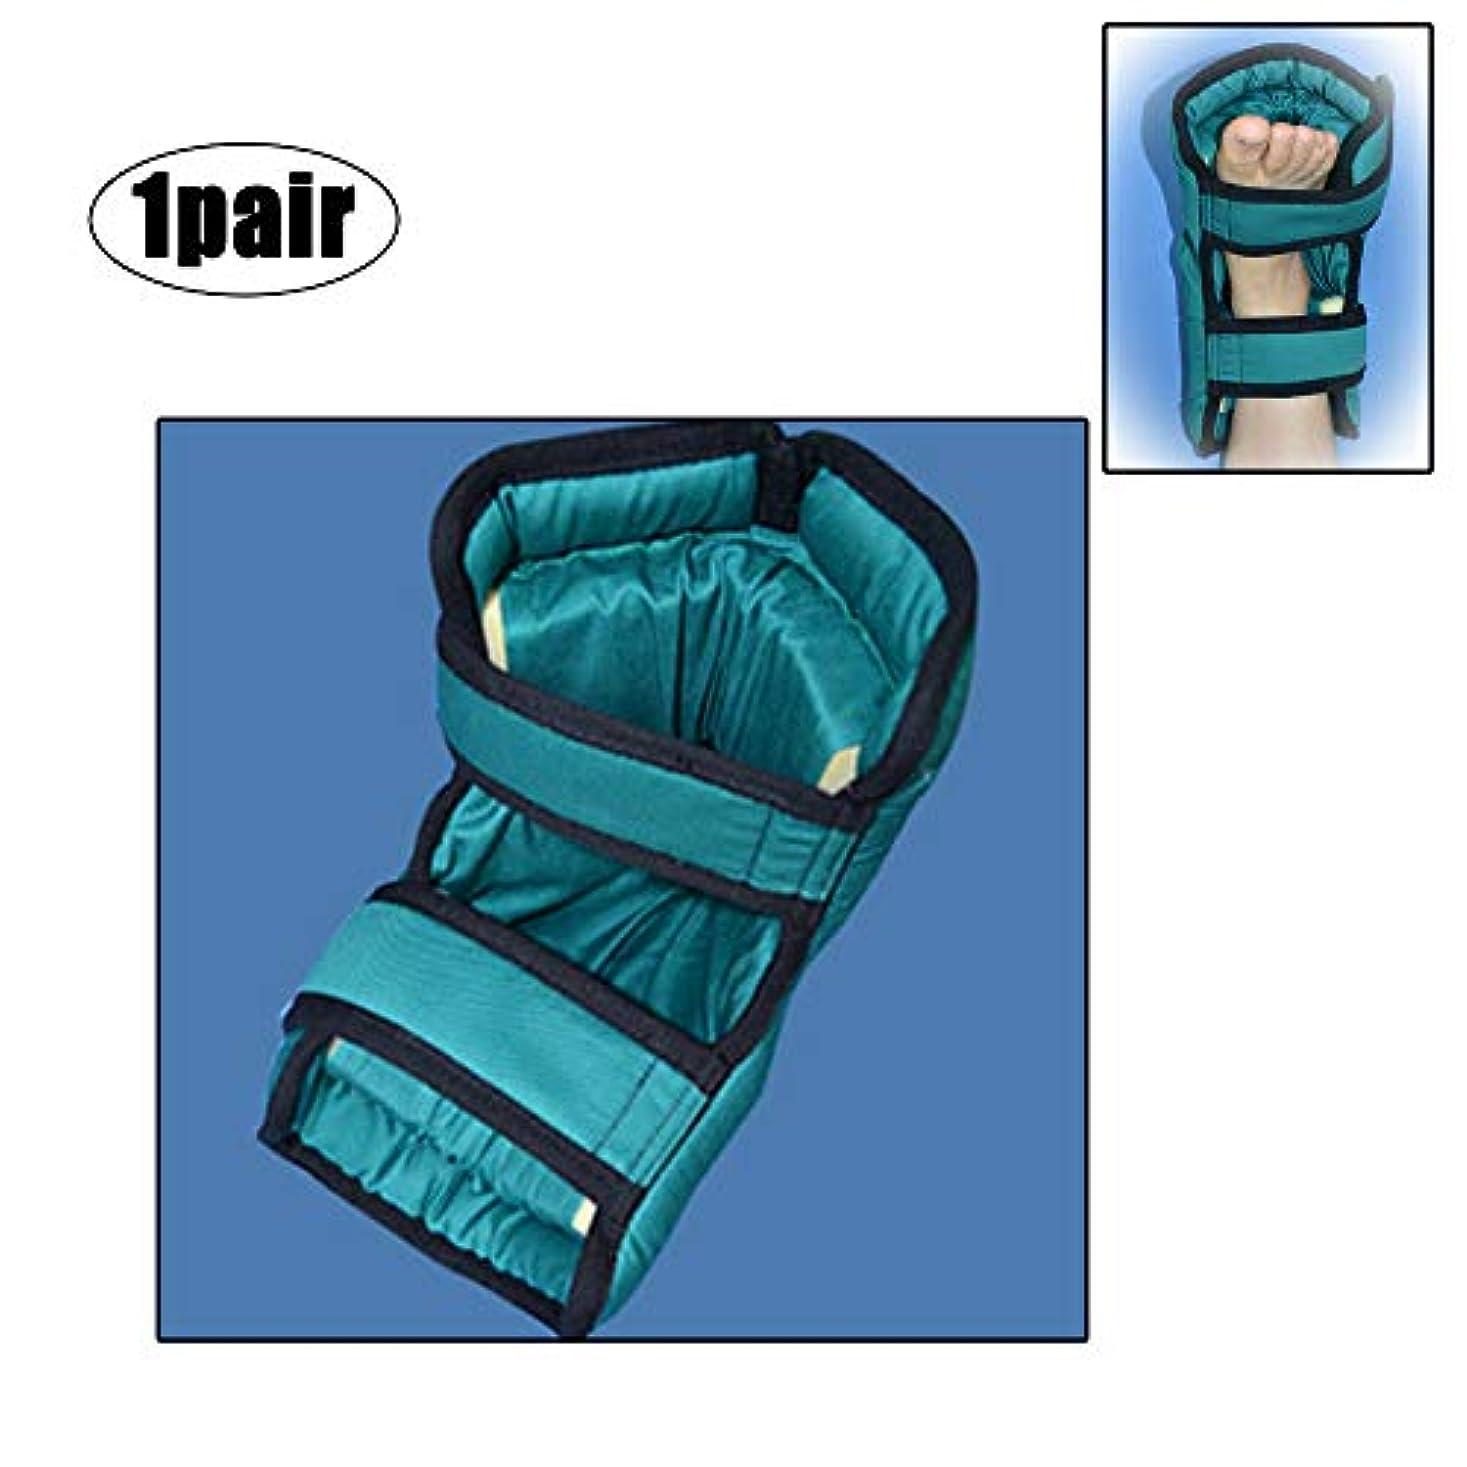 寄付詩人外向きヒールプロテクター、部分的外傷| 車椅子| 高齢者の足の補正カバー、青緑